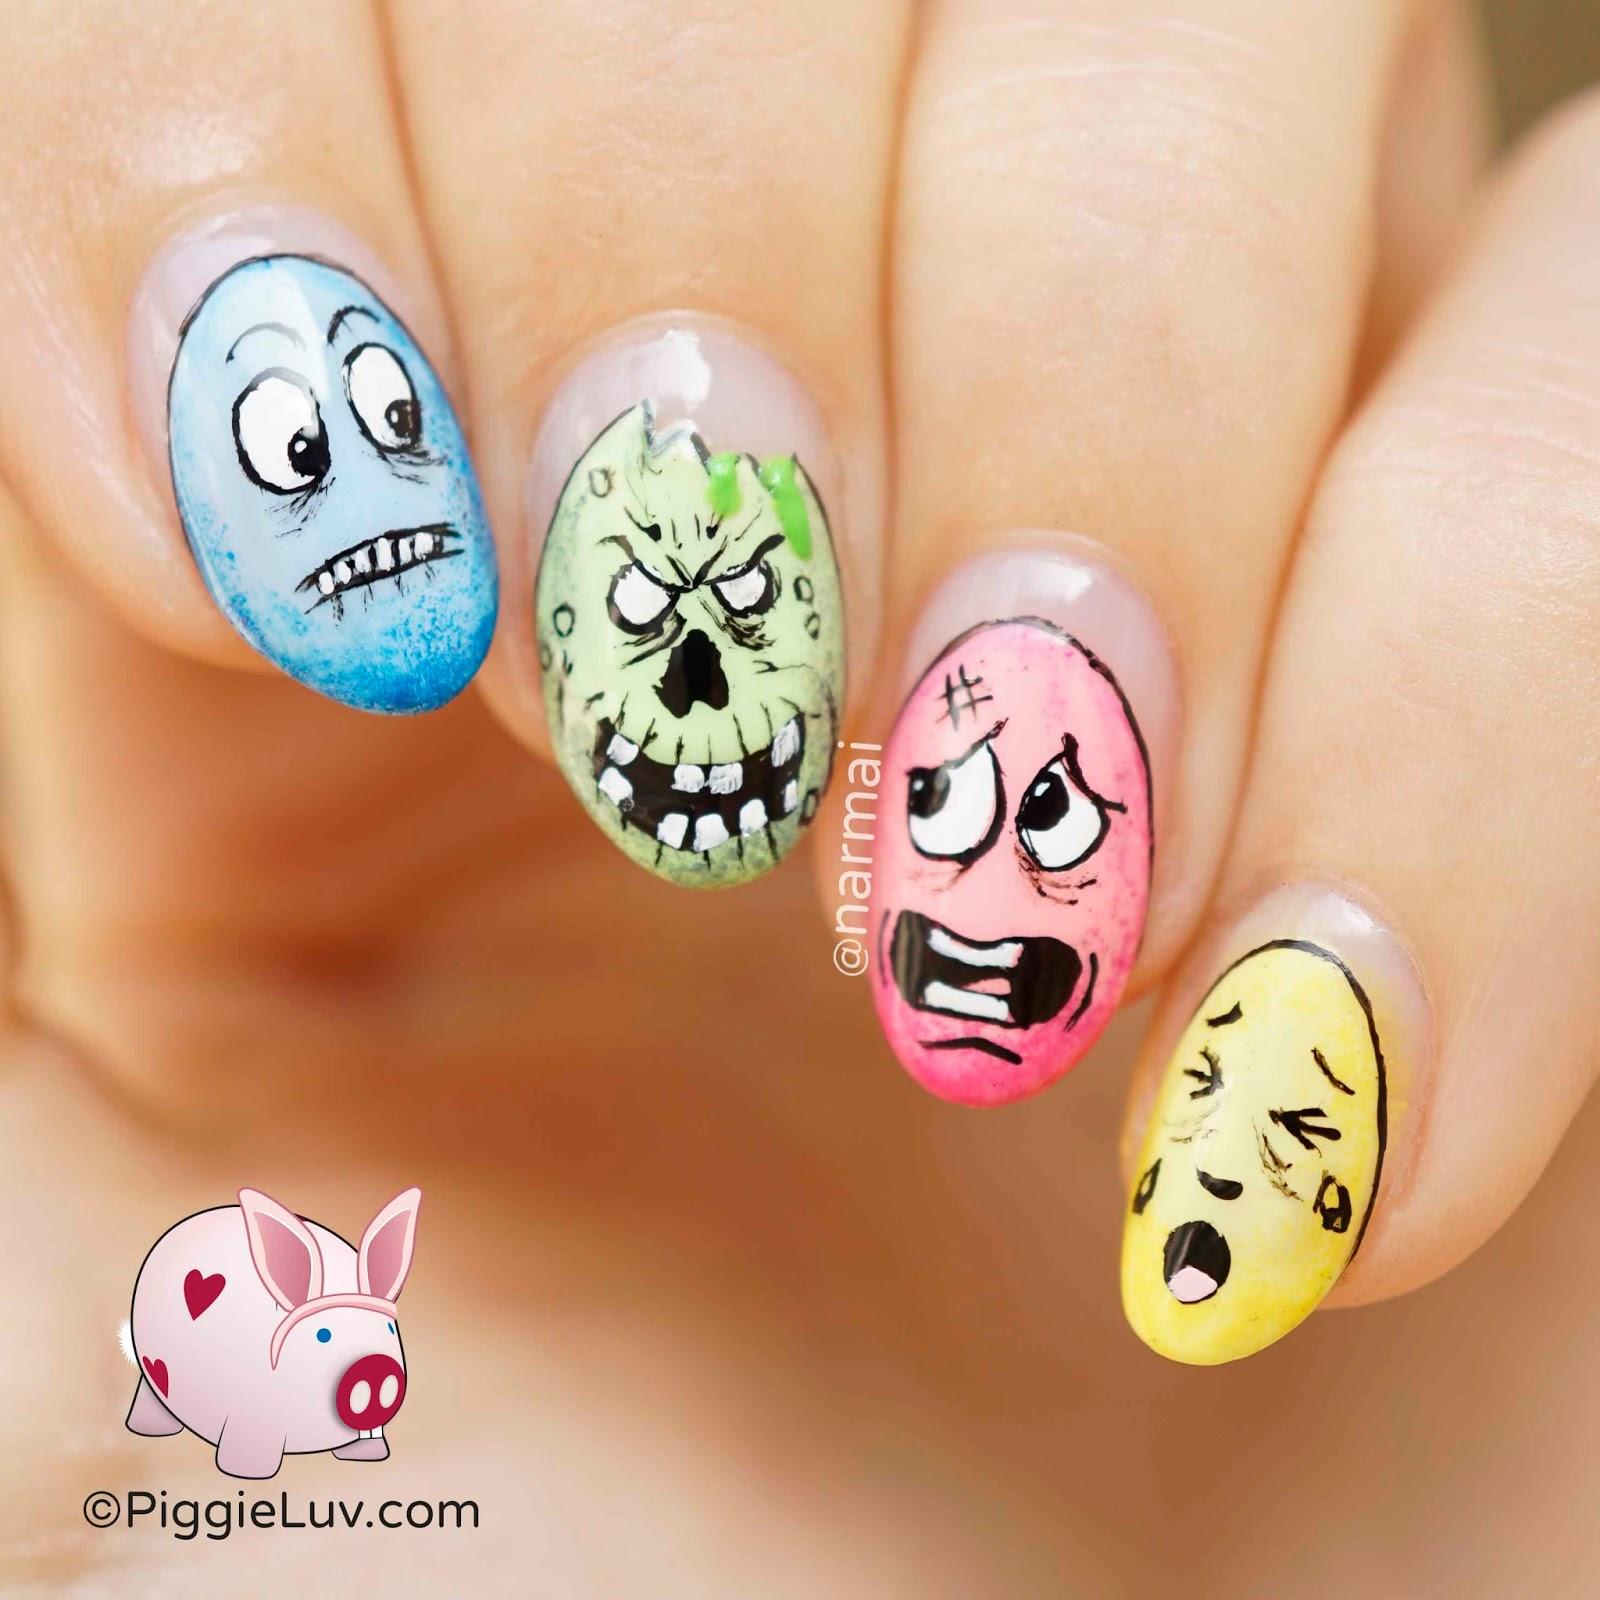 Piggieluv Zombie Easter Egg Nail Art